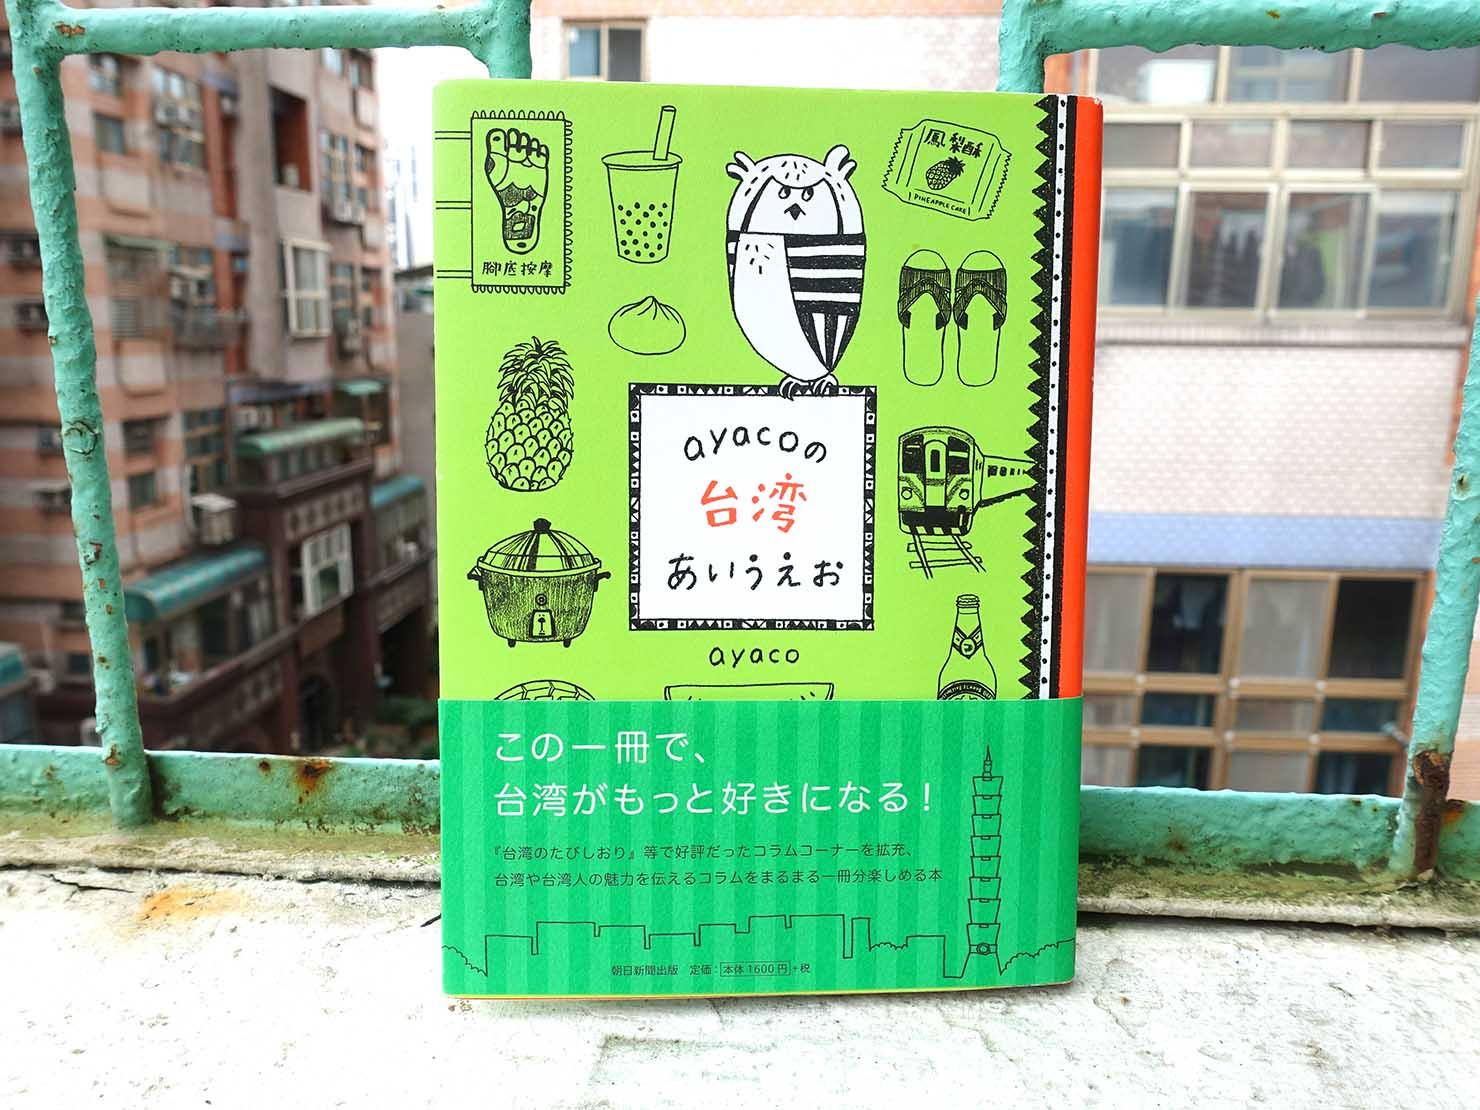 台湾現地生活がよく分かるおすすめの本『ayacoの台湾あいうえお』